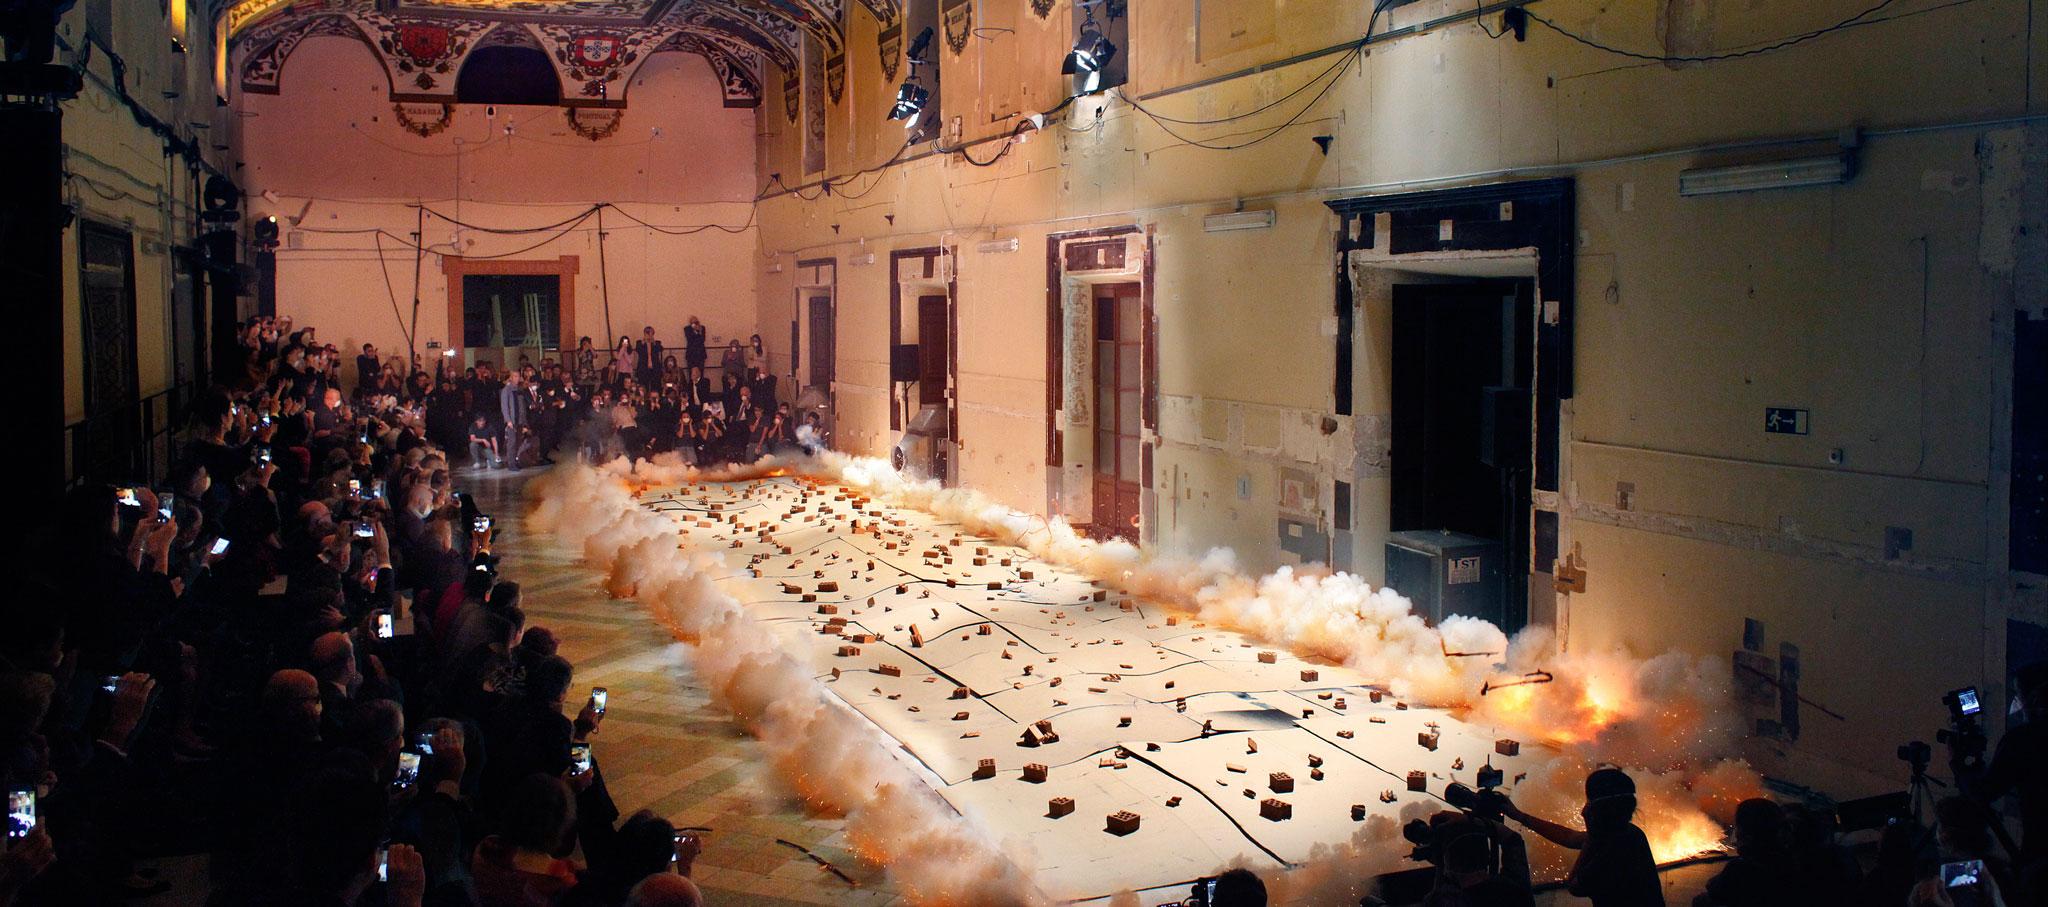 Ignición durante la creación con pólvora del Espíritu de la pintura en el Salón de Reinos. Madrid, 2017. Fotografía © Museo Nacional del Prado